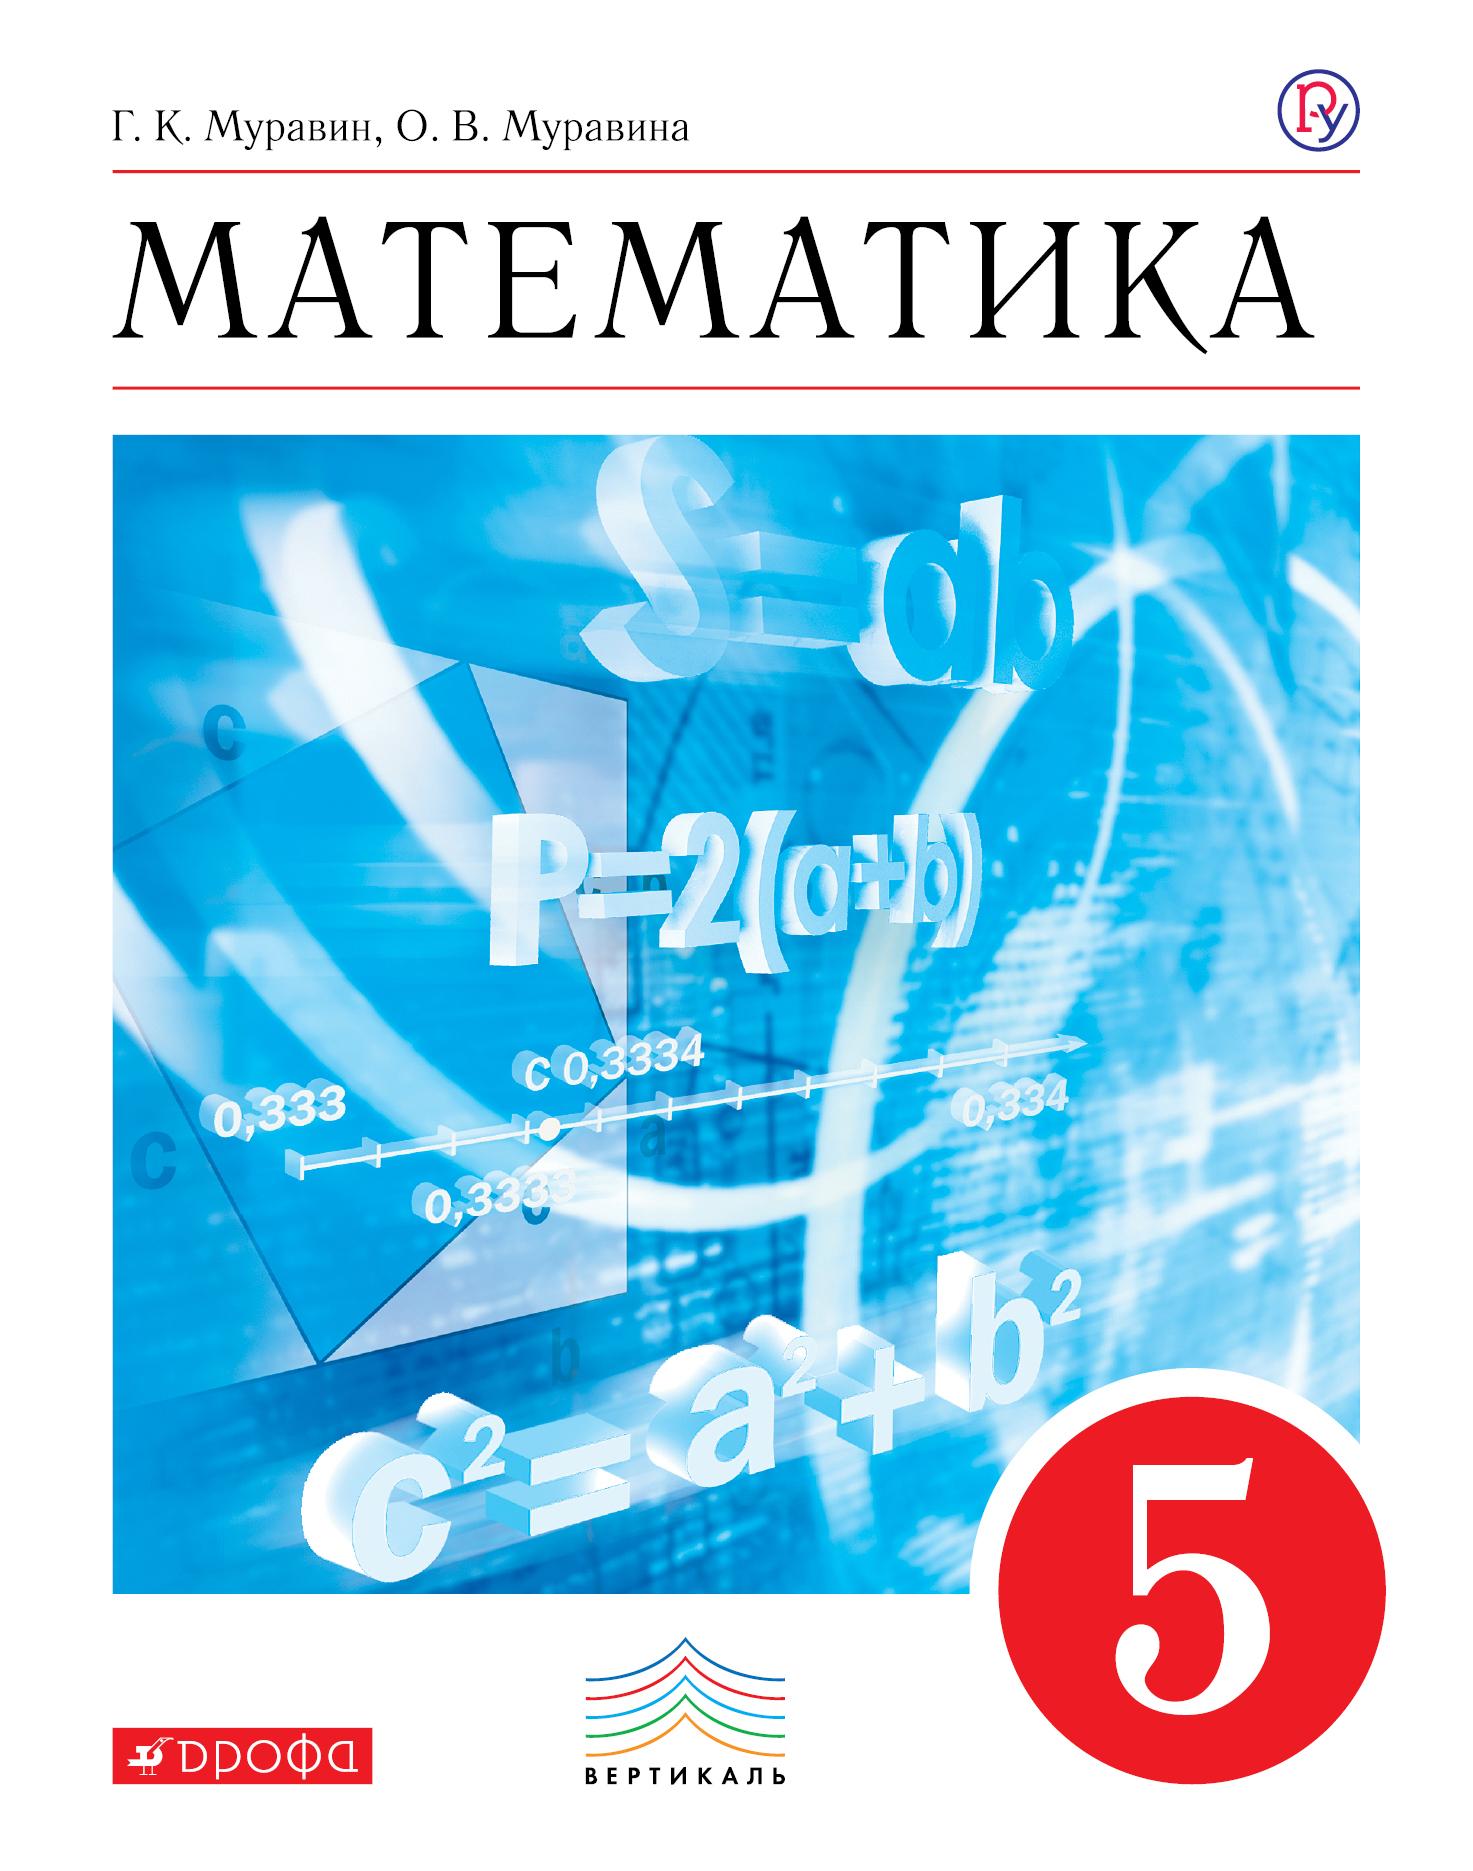 Решебник учебник по алгебре 7 класс муравин г. К. Скачать.